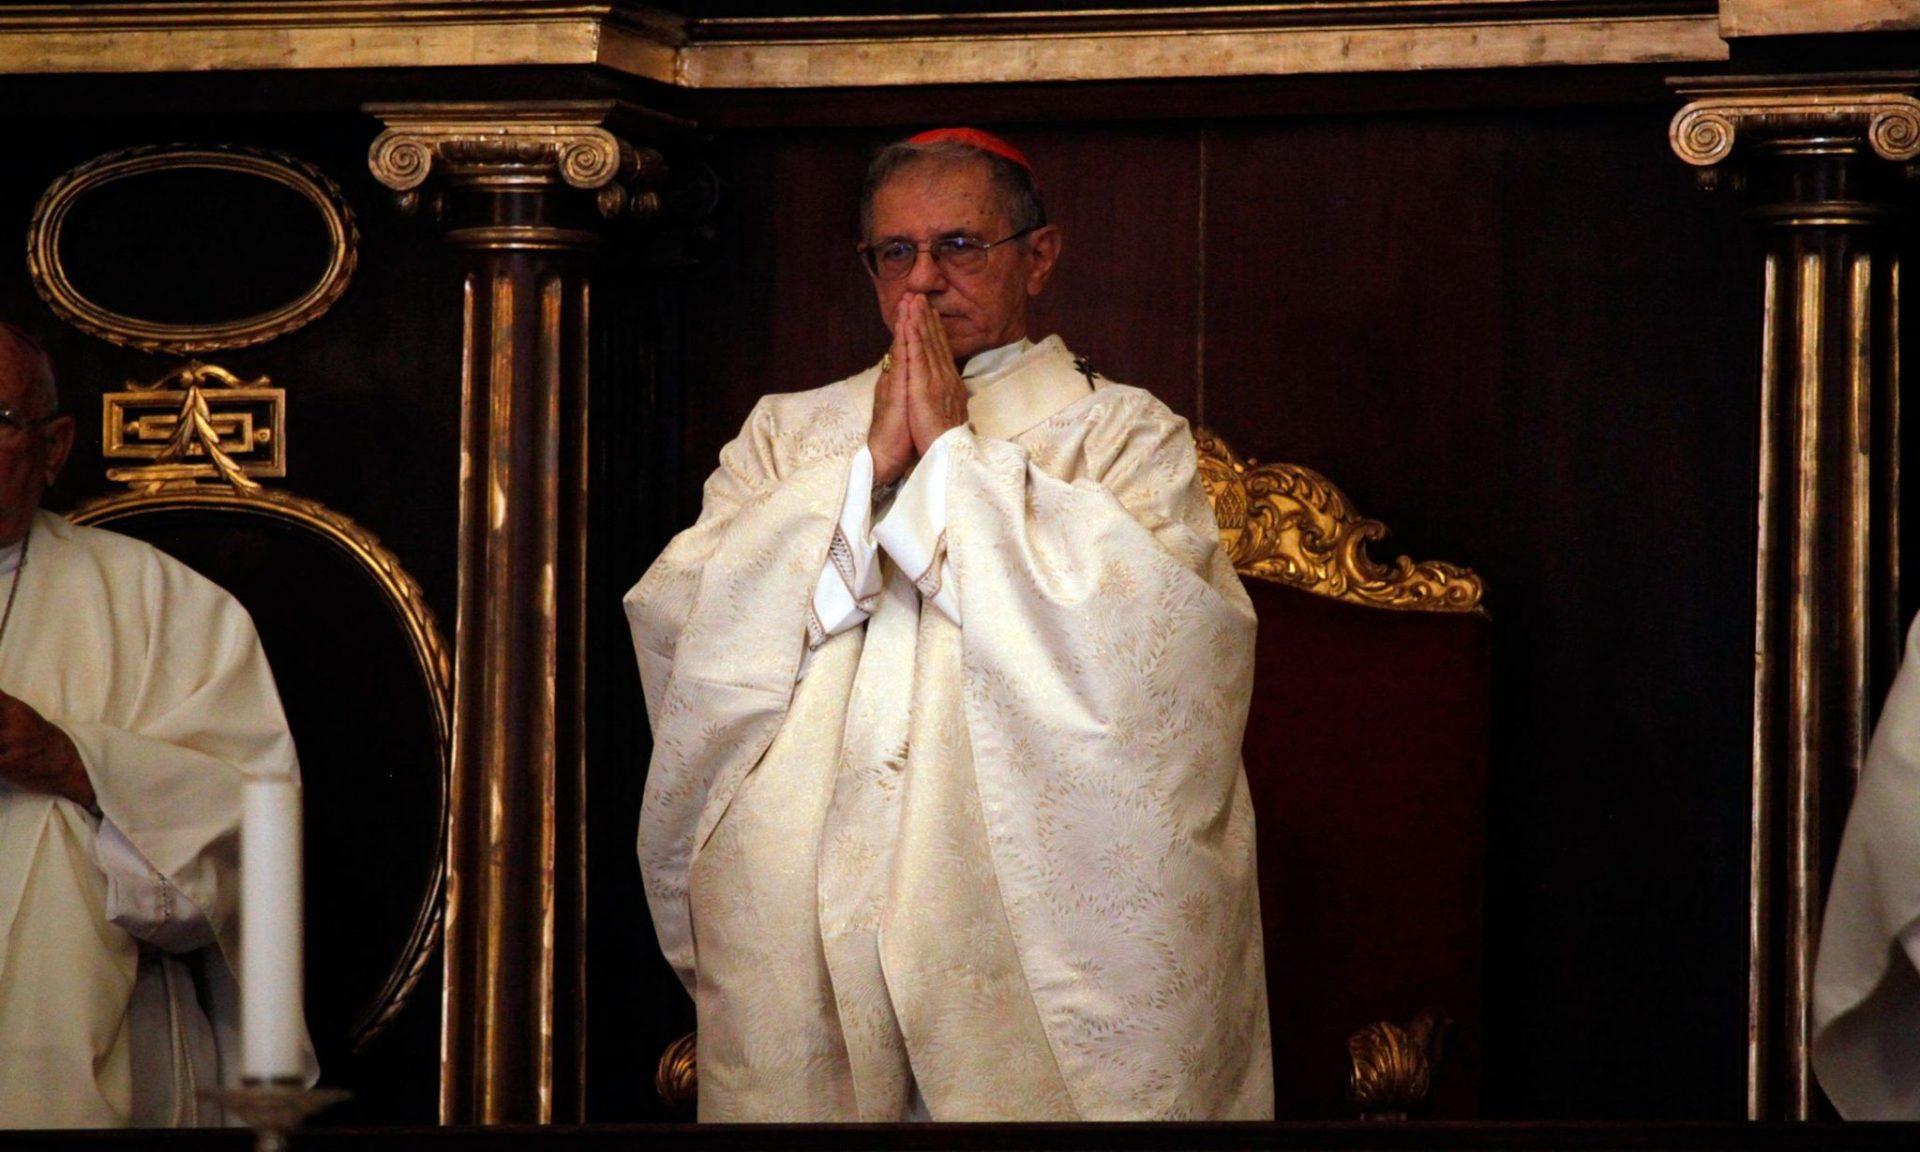 Homilía pronunciada por S.E.R. Juan de la Caridad García, en misa celebrada en la catedral de La Habana para recibirlo en su arquidiócesis como cardenal de la Iglesia universal.